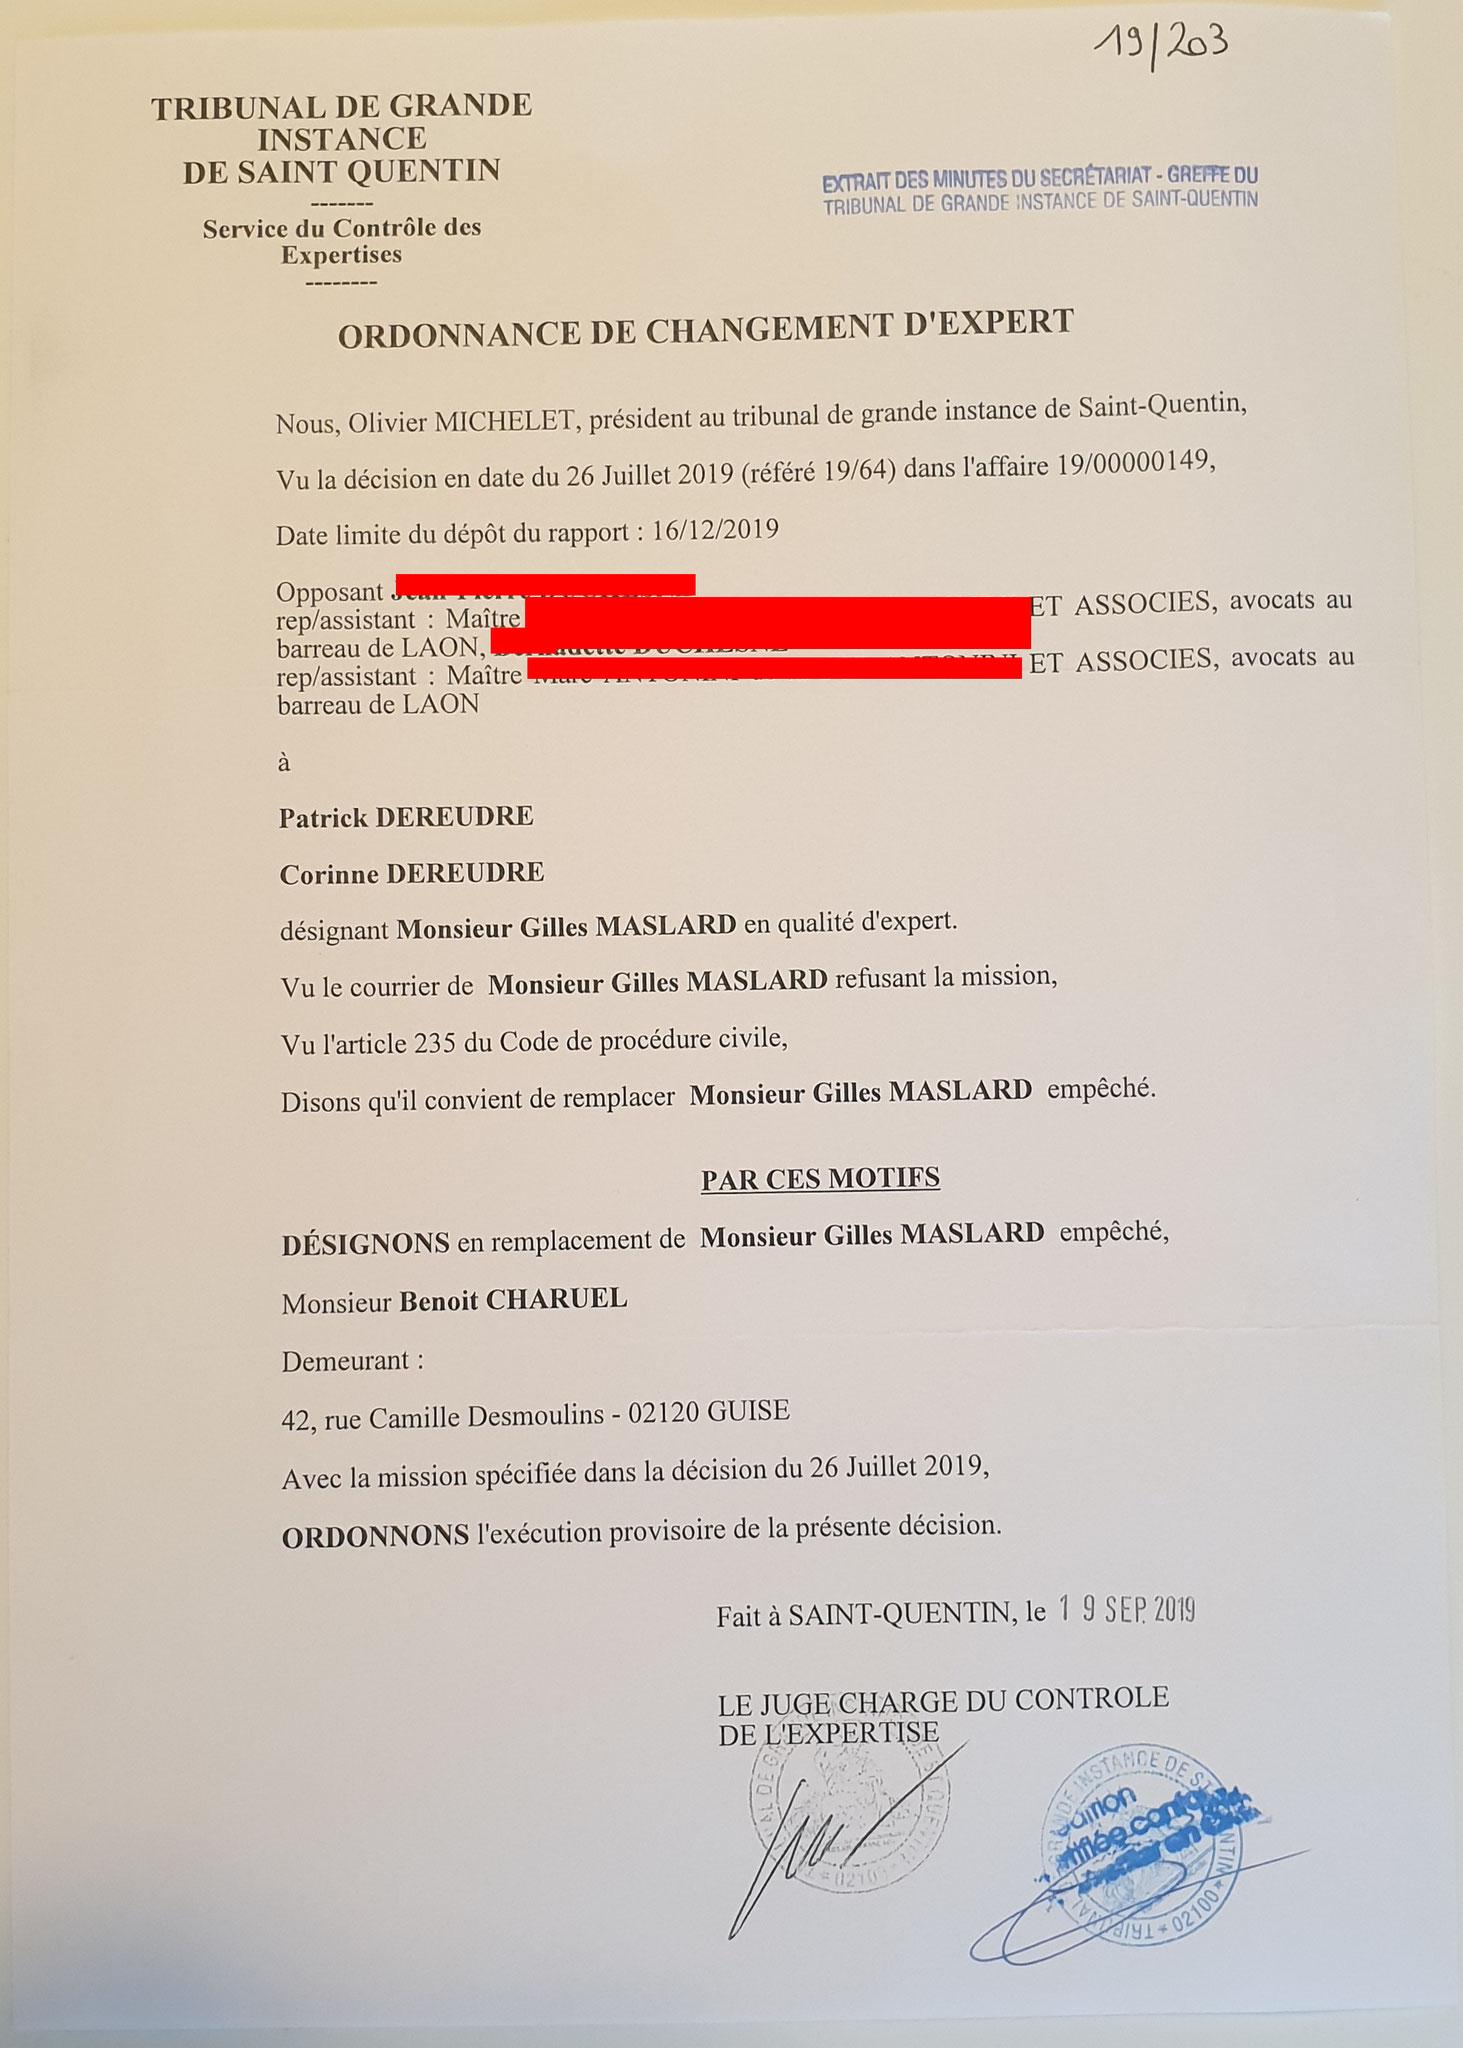 AFFAIRE JUDICIAIRE : MES CHERS VOISINS //LA VALSE DES EXPERTS orchestrée par le Tribunal de Grande Instance de Saint-Quentin